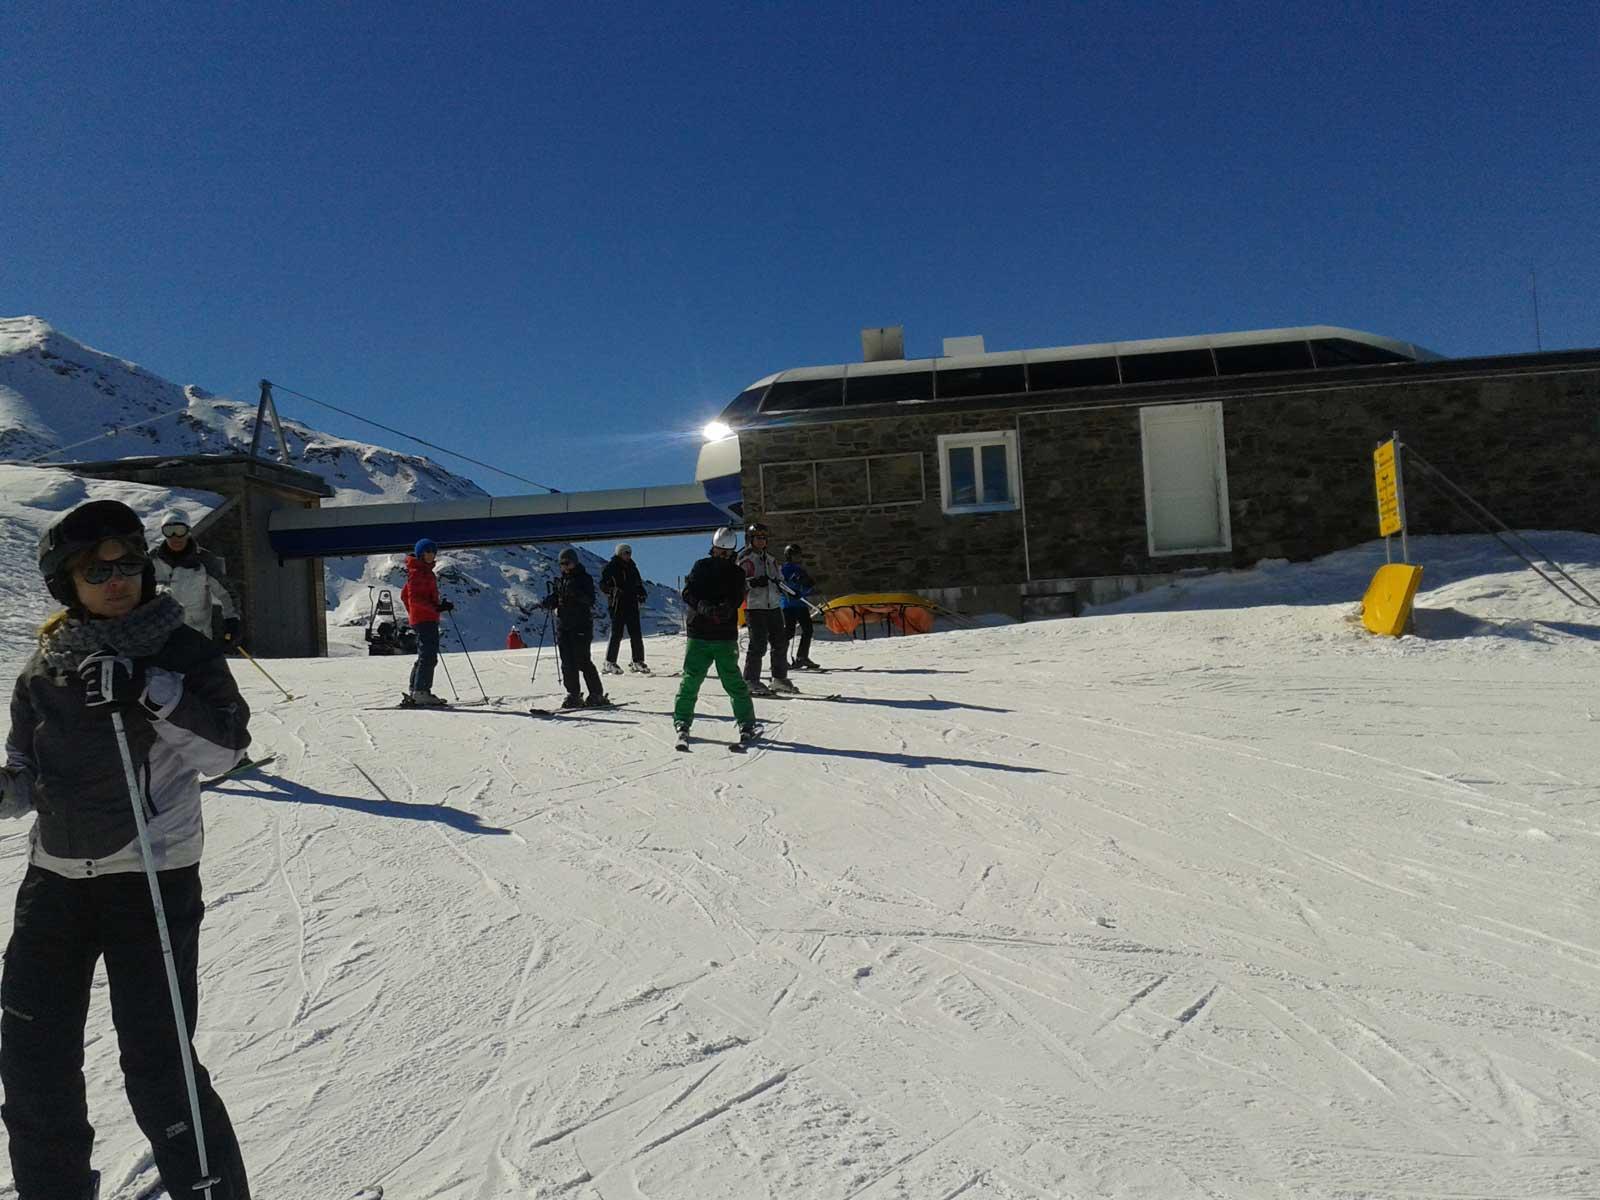 Bild von St.Moritz skifahrten